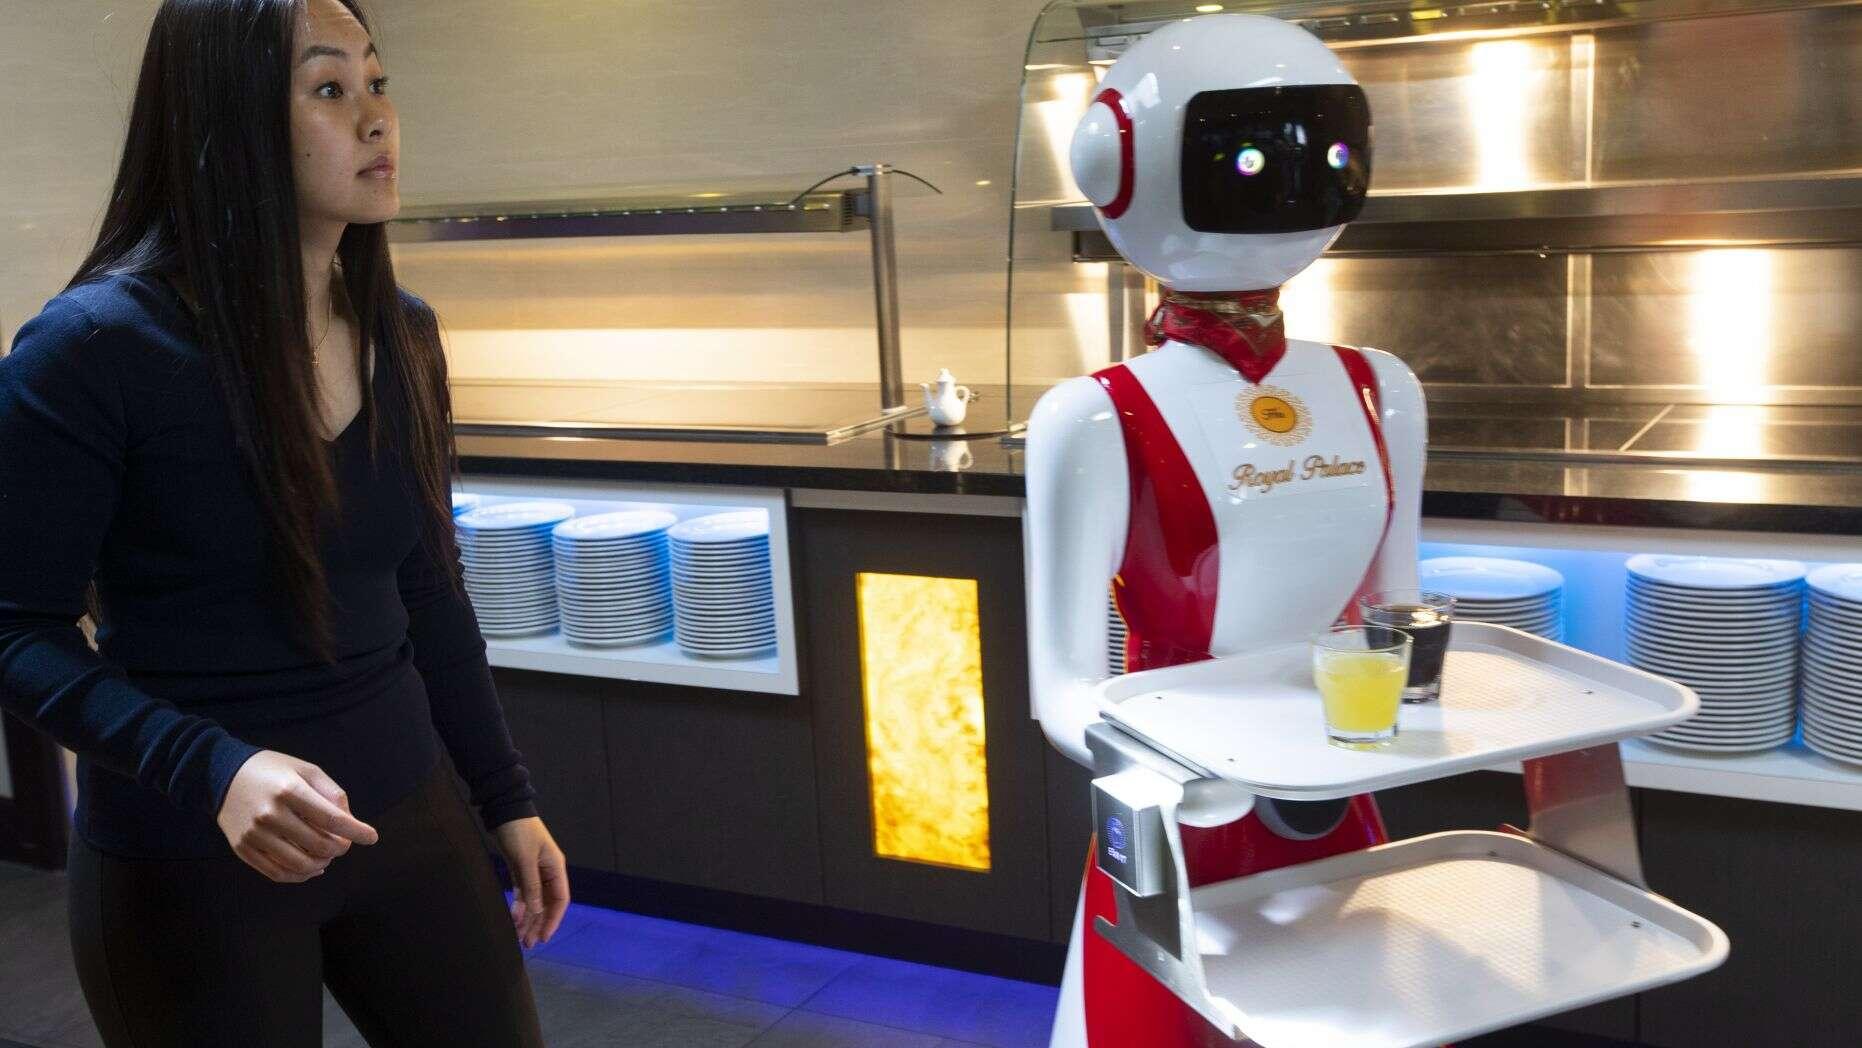 Robot phục vụ thực khách tại nhà hàng ở Hà Lan Ảnh 4